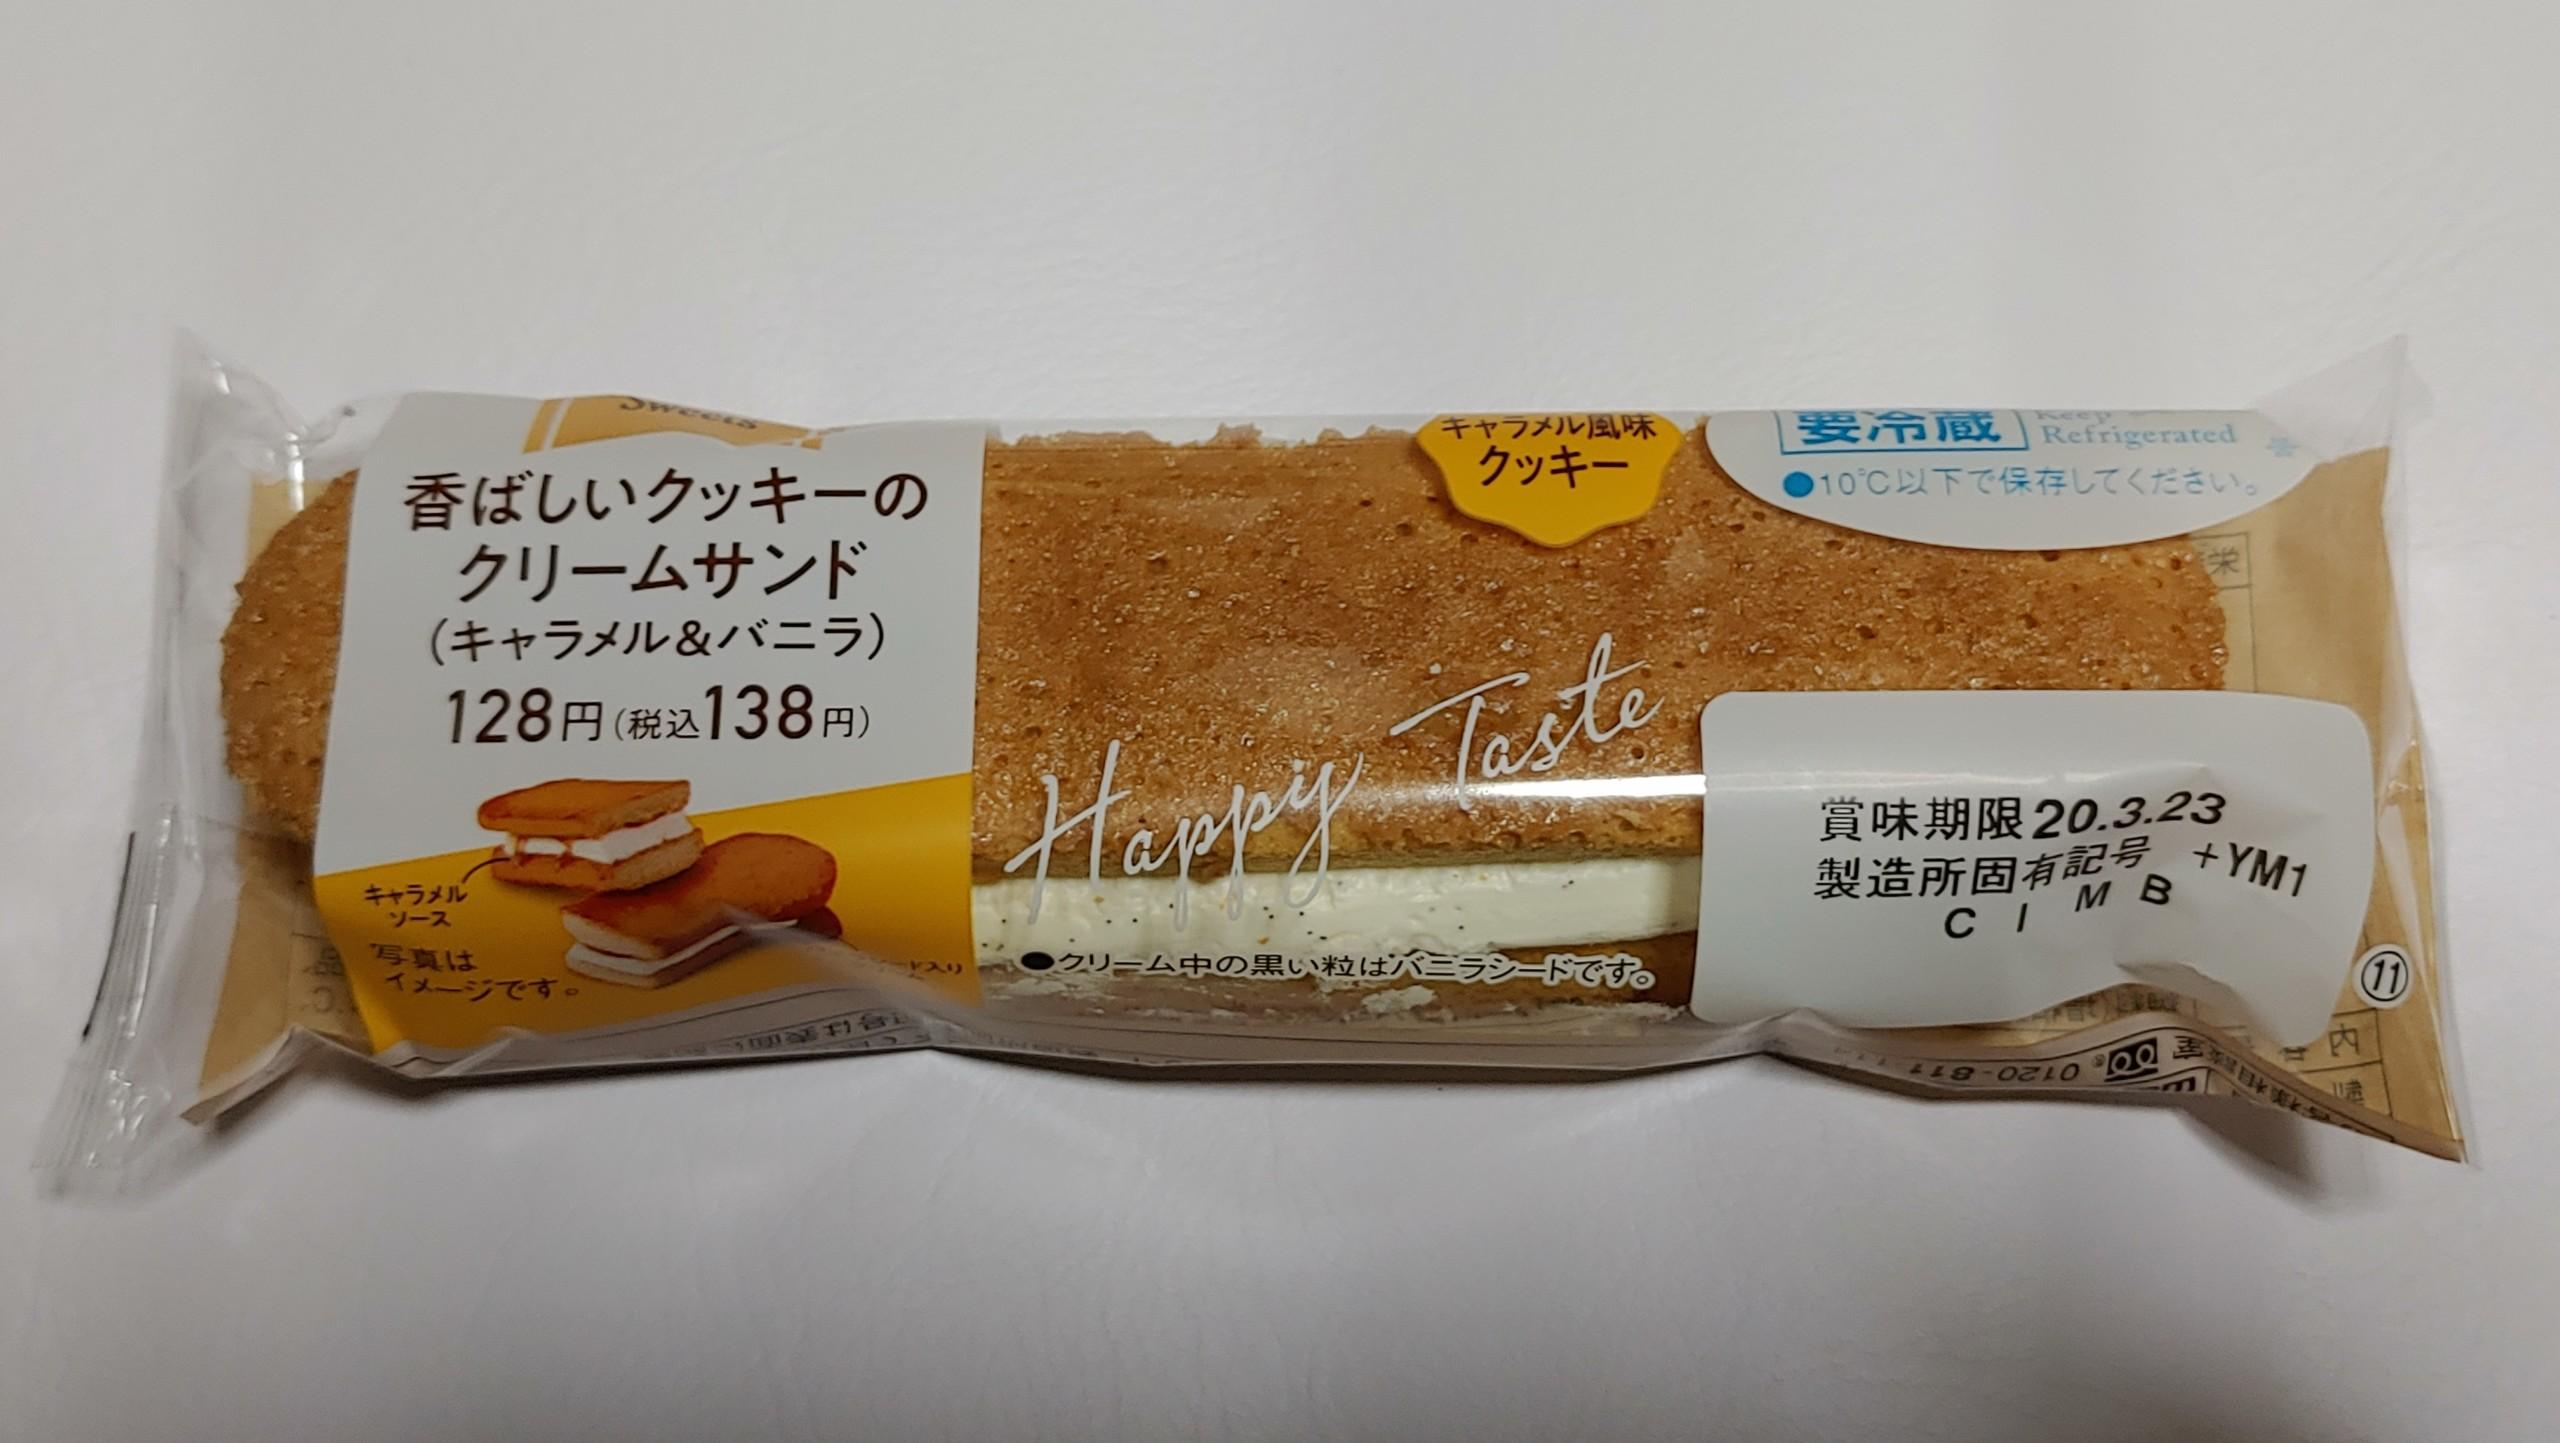 ファミリーマートの香ばしいクッキーのクリームサンド